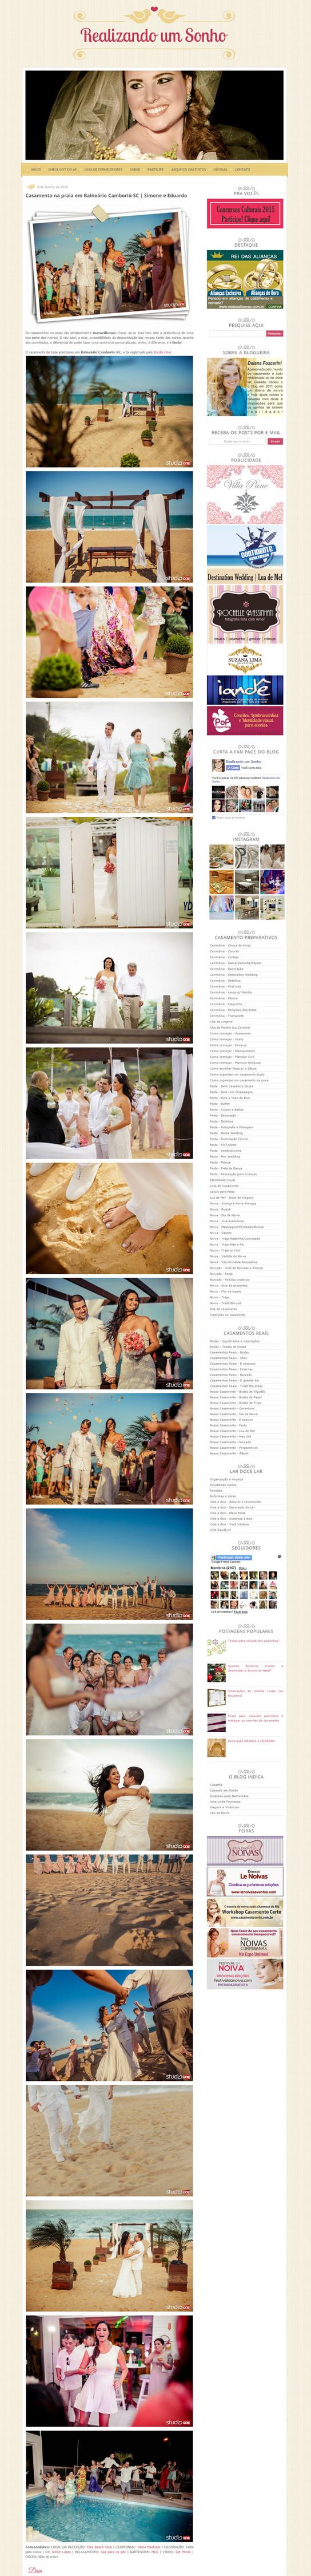 Imagem capa - Casamento da Simone e do Eduardo no Blog Realizando um Sonho por Studio ONE